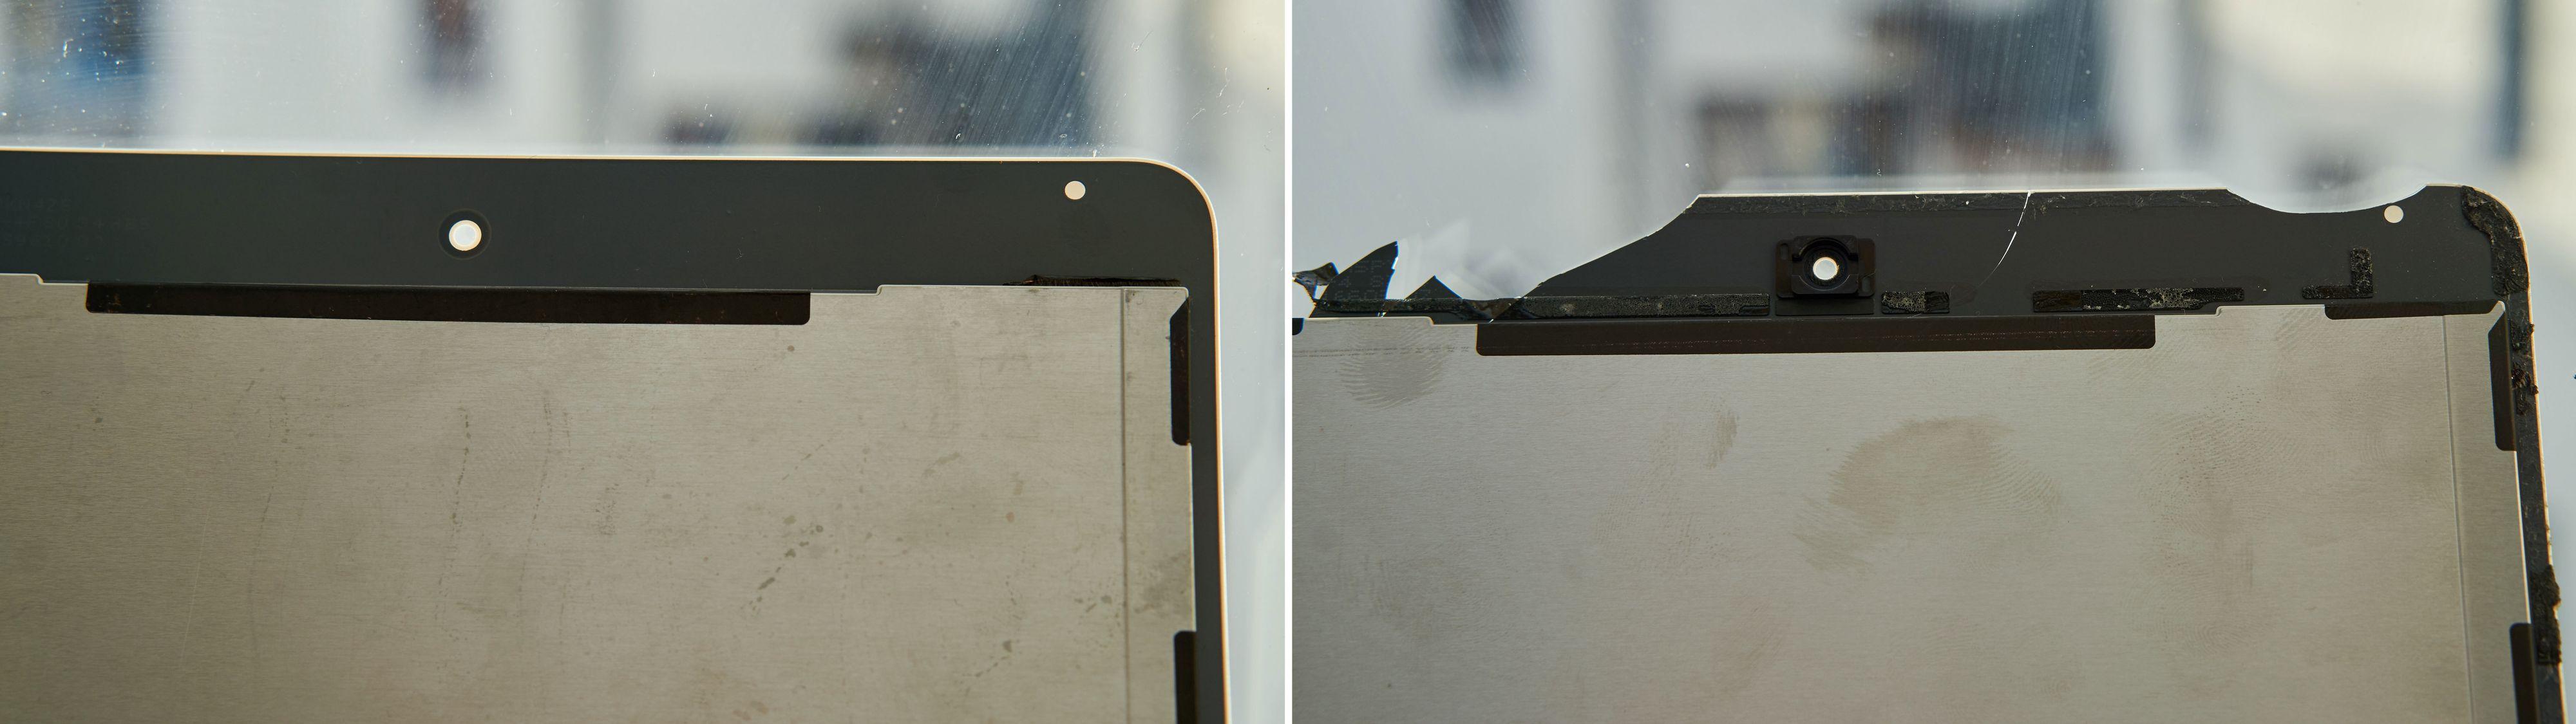 Bakside-toppen av ny (venstre) og gammel skjerm.